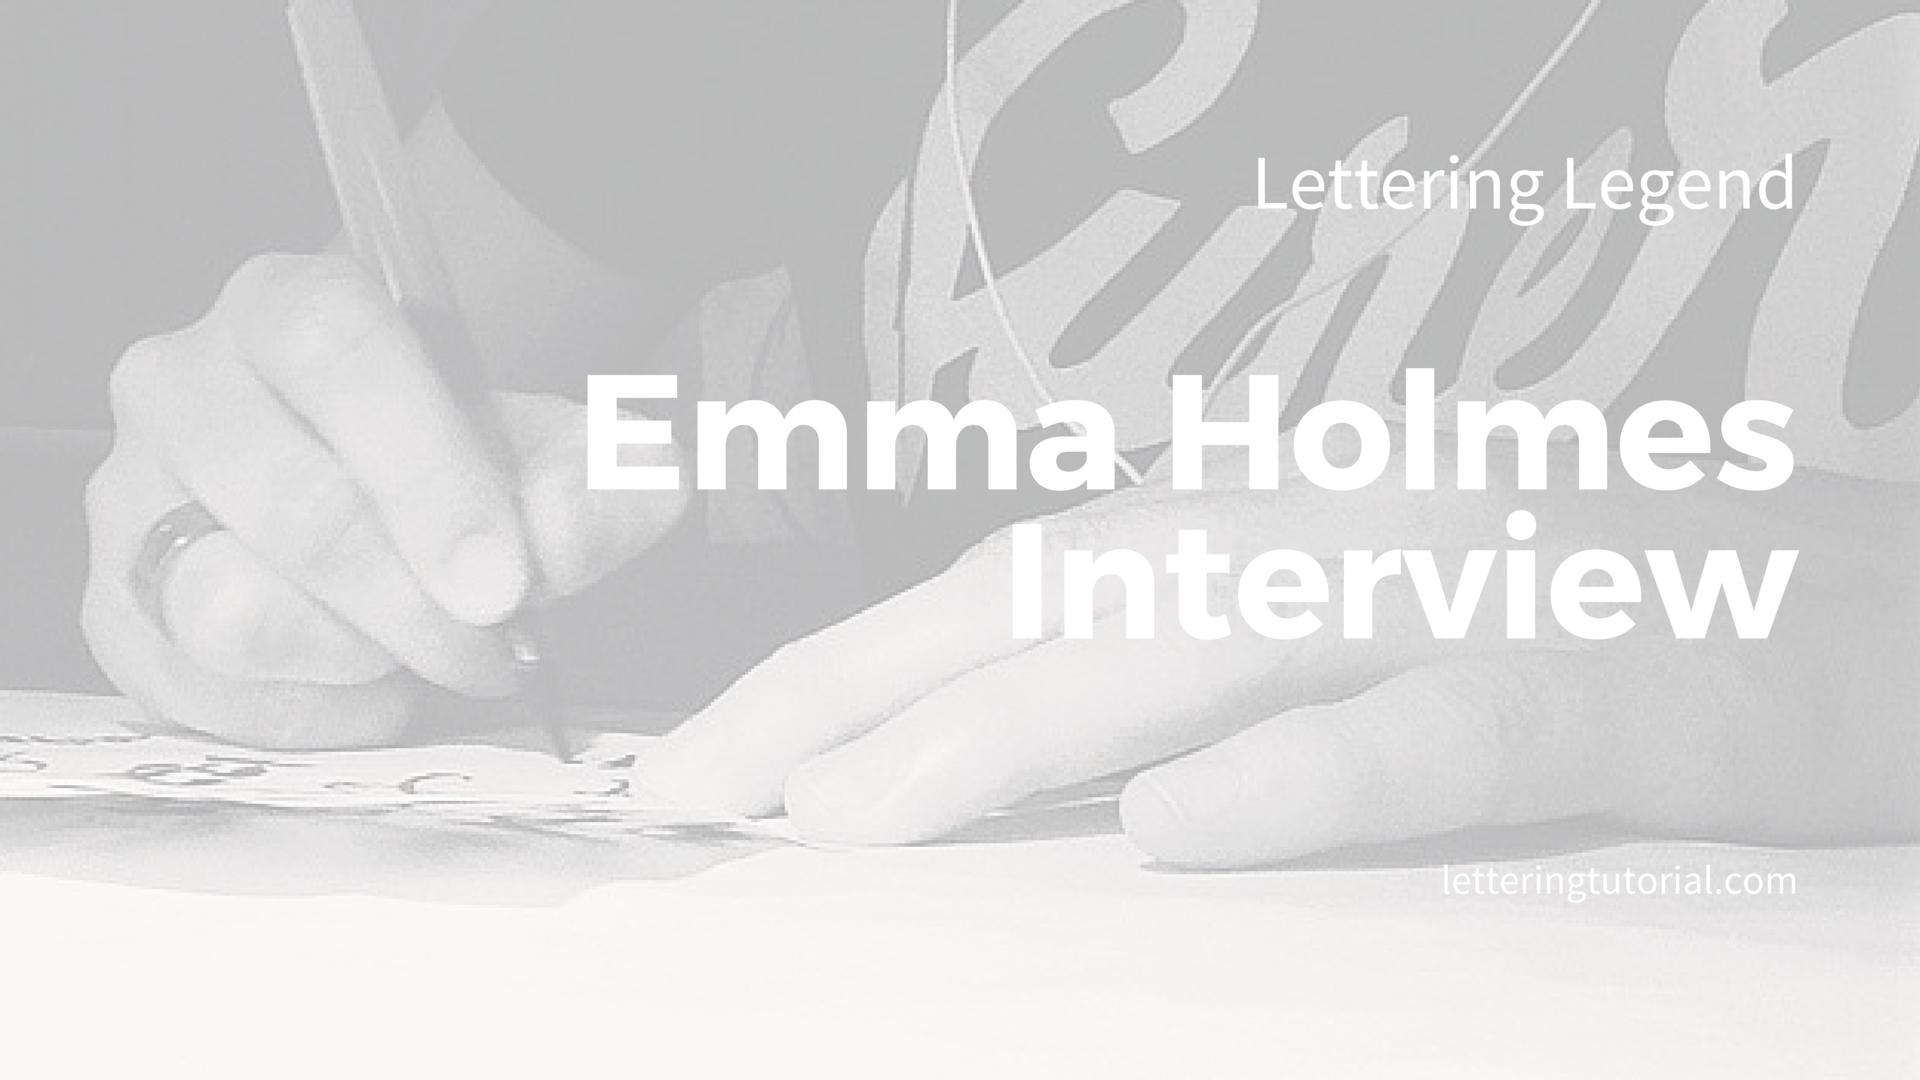 Emma Holmes - Lettering Legend - Lettering Tutorial